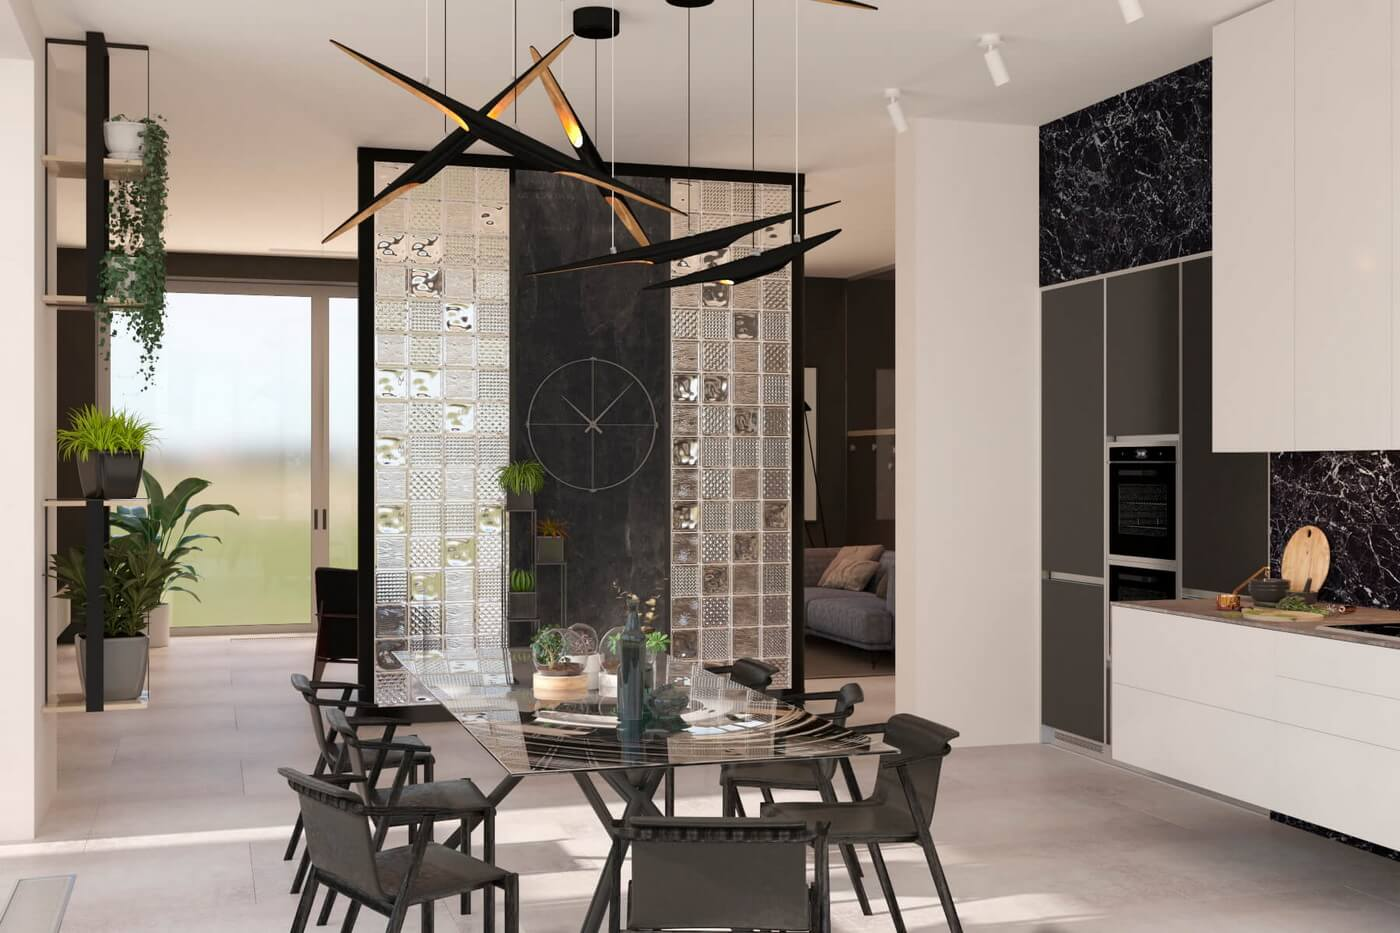 Загородный дом в современном стиле. Кухня. Обеденный стол